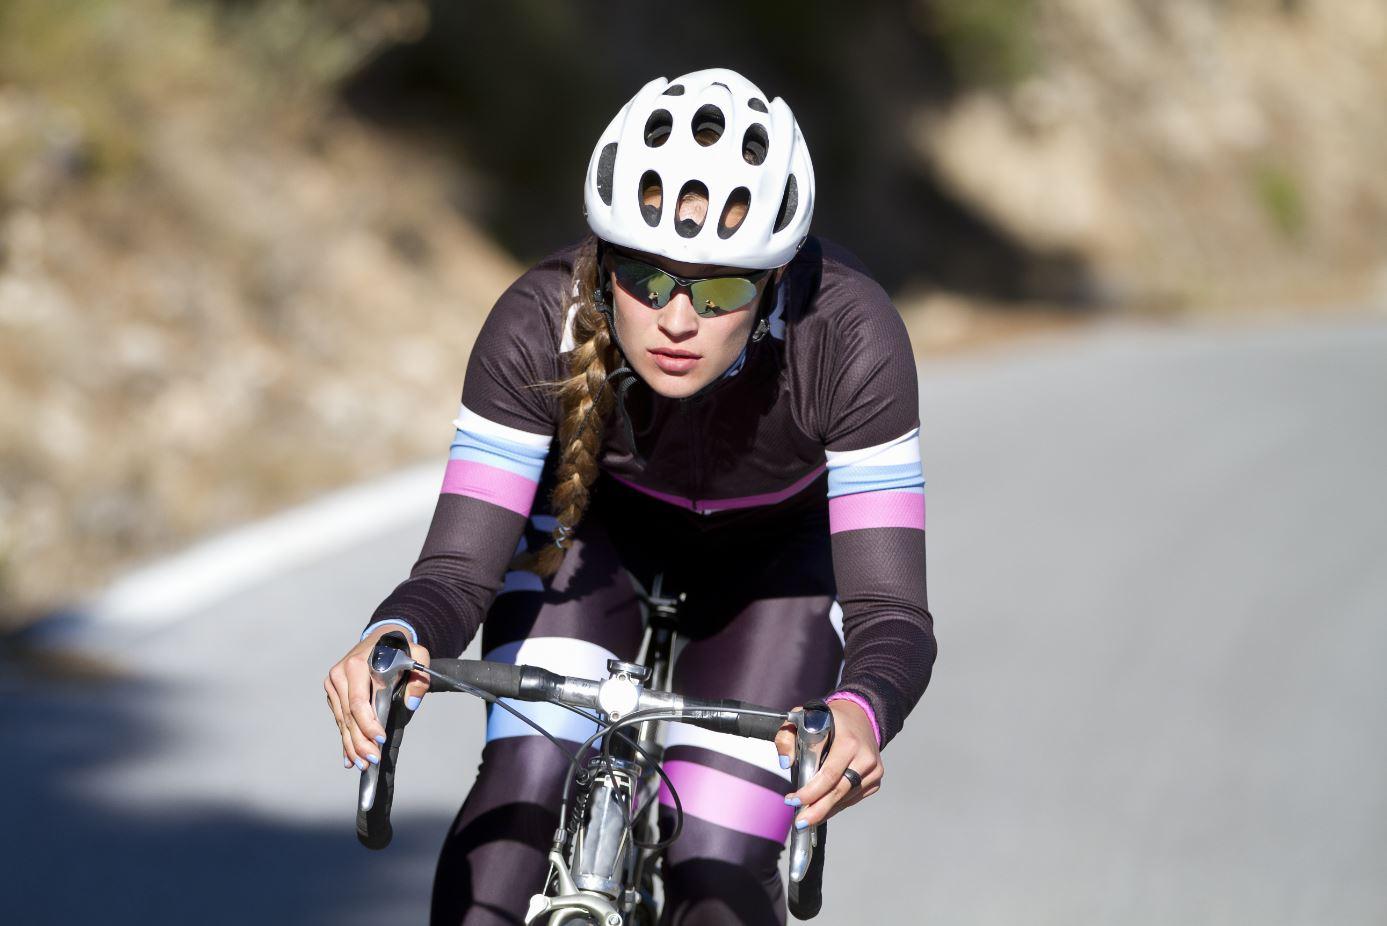 Fahrradbekleidung - der persönliche Komfort zählt!